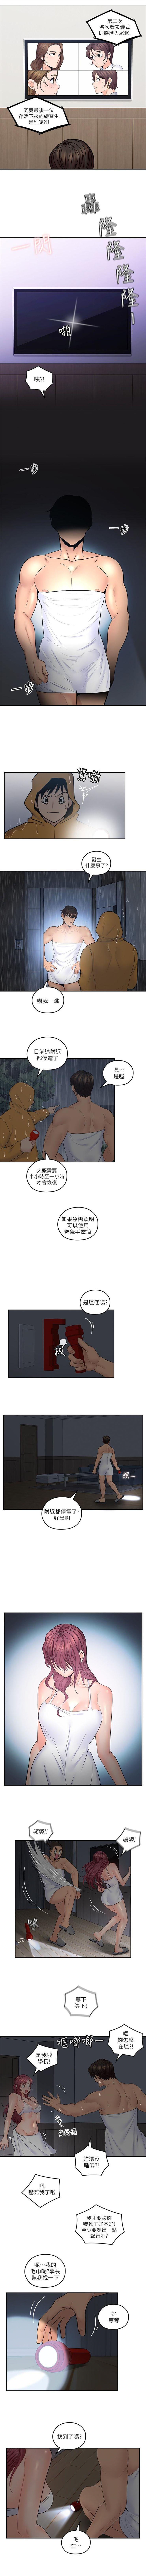 (週4)親愛的大叔 1-39 中文翻譯(更新中) 160